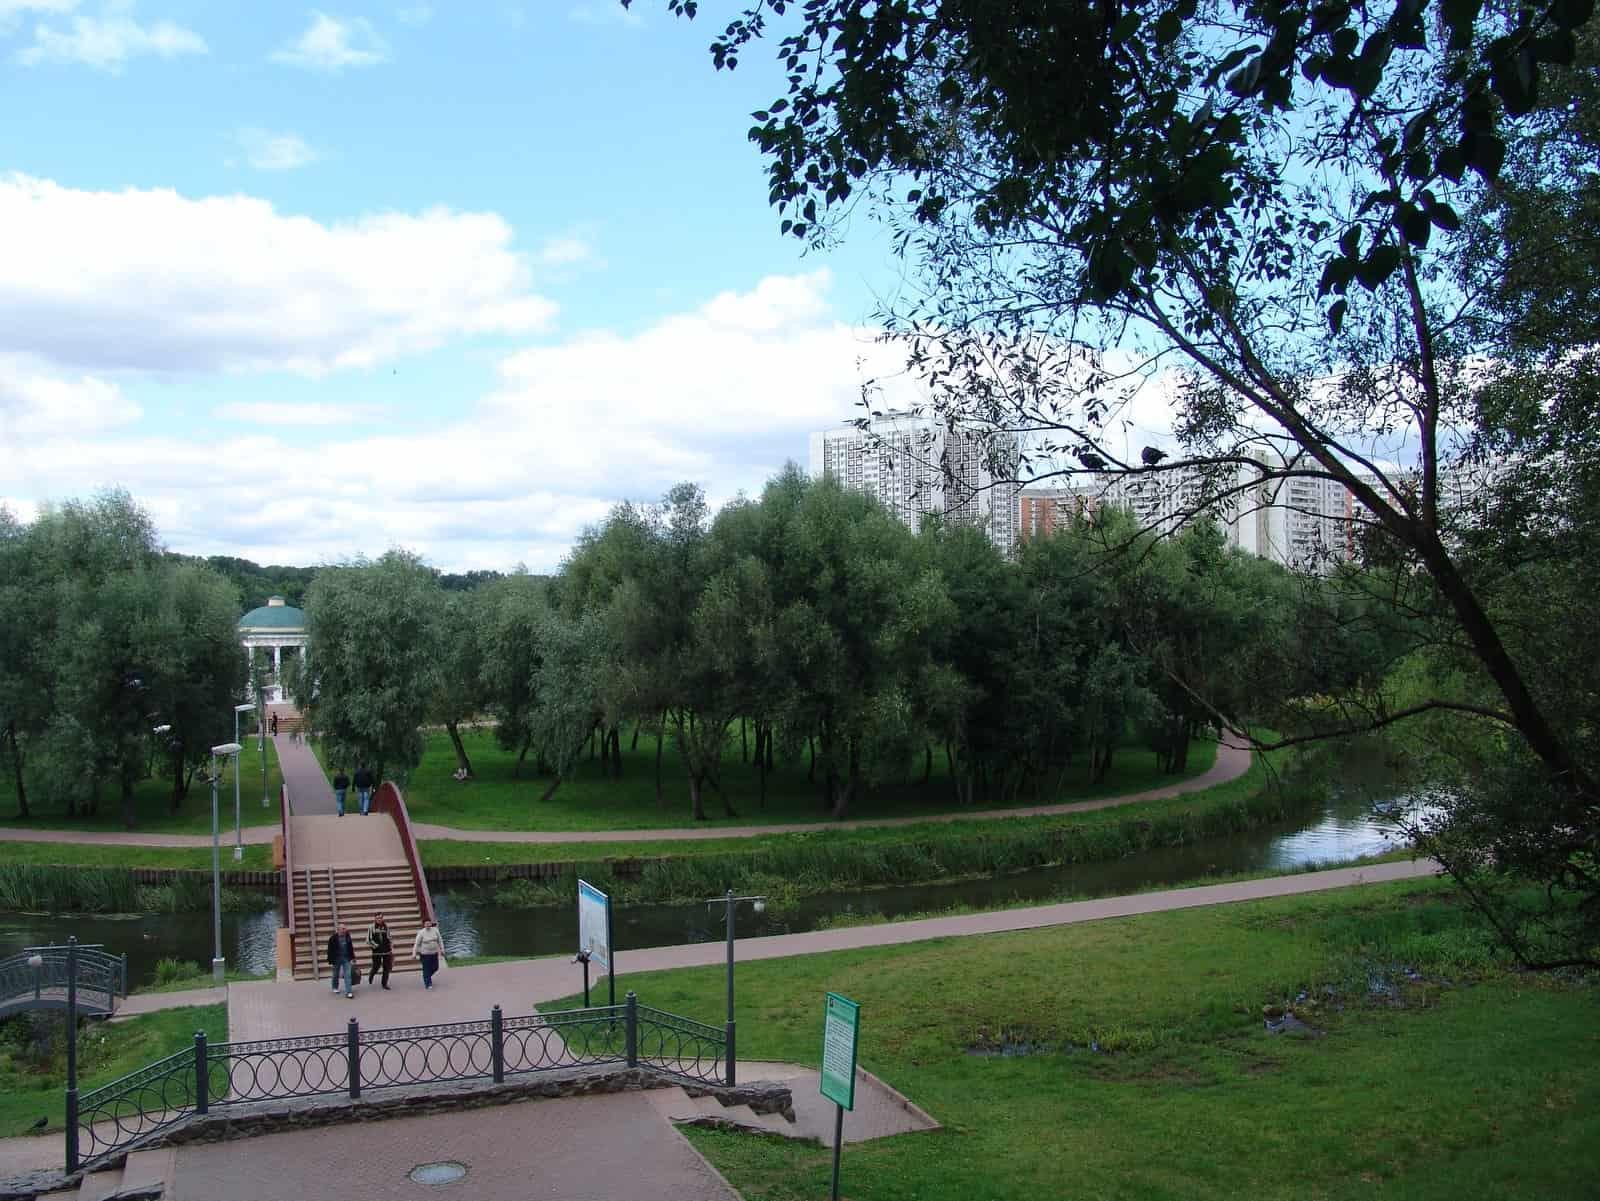 В Москве благоустроят парки у воды В Москве благоустроят парки у воды 04 16